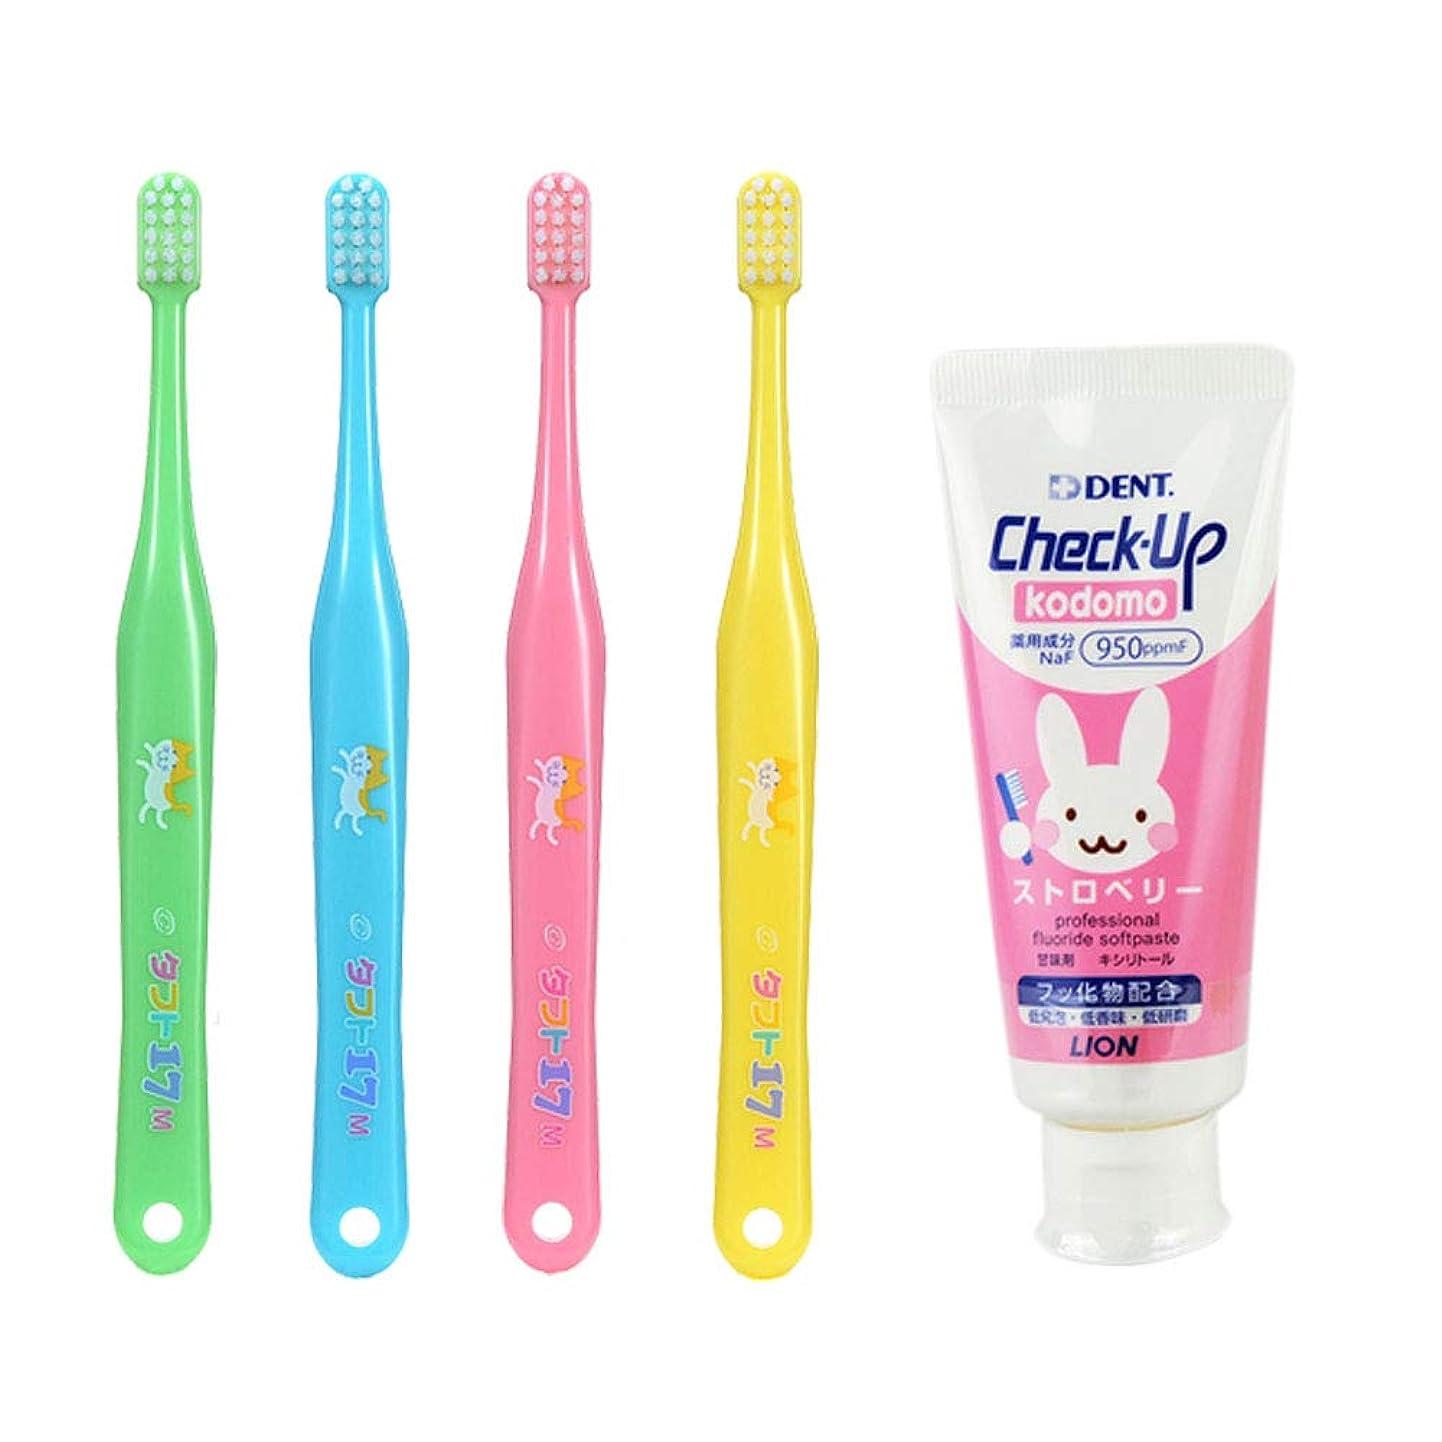 相対性理論振幅オーナメントタフト17 M(ふつう) 子ども 歯ブラシ 10本 + チェックアップ コドモ 60g (ストロベリー) 歯磨き粉 歯科専売品